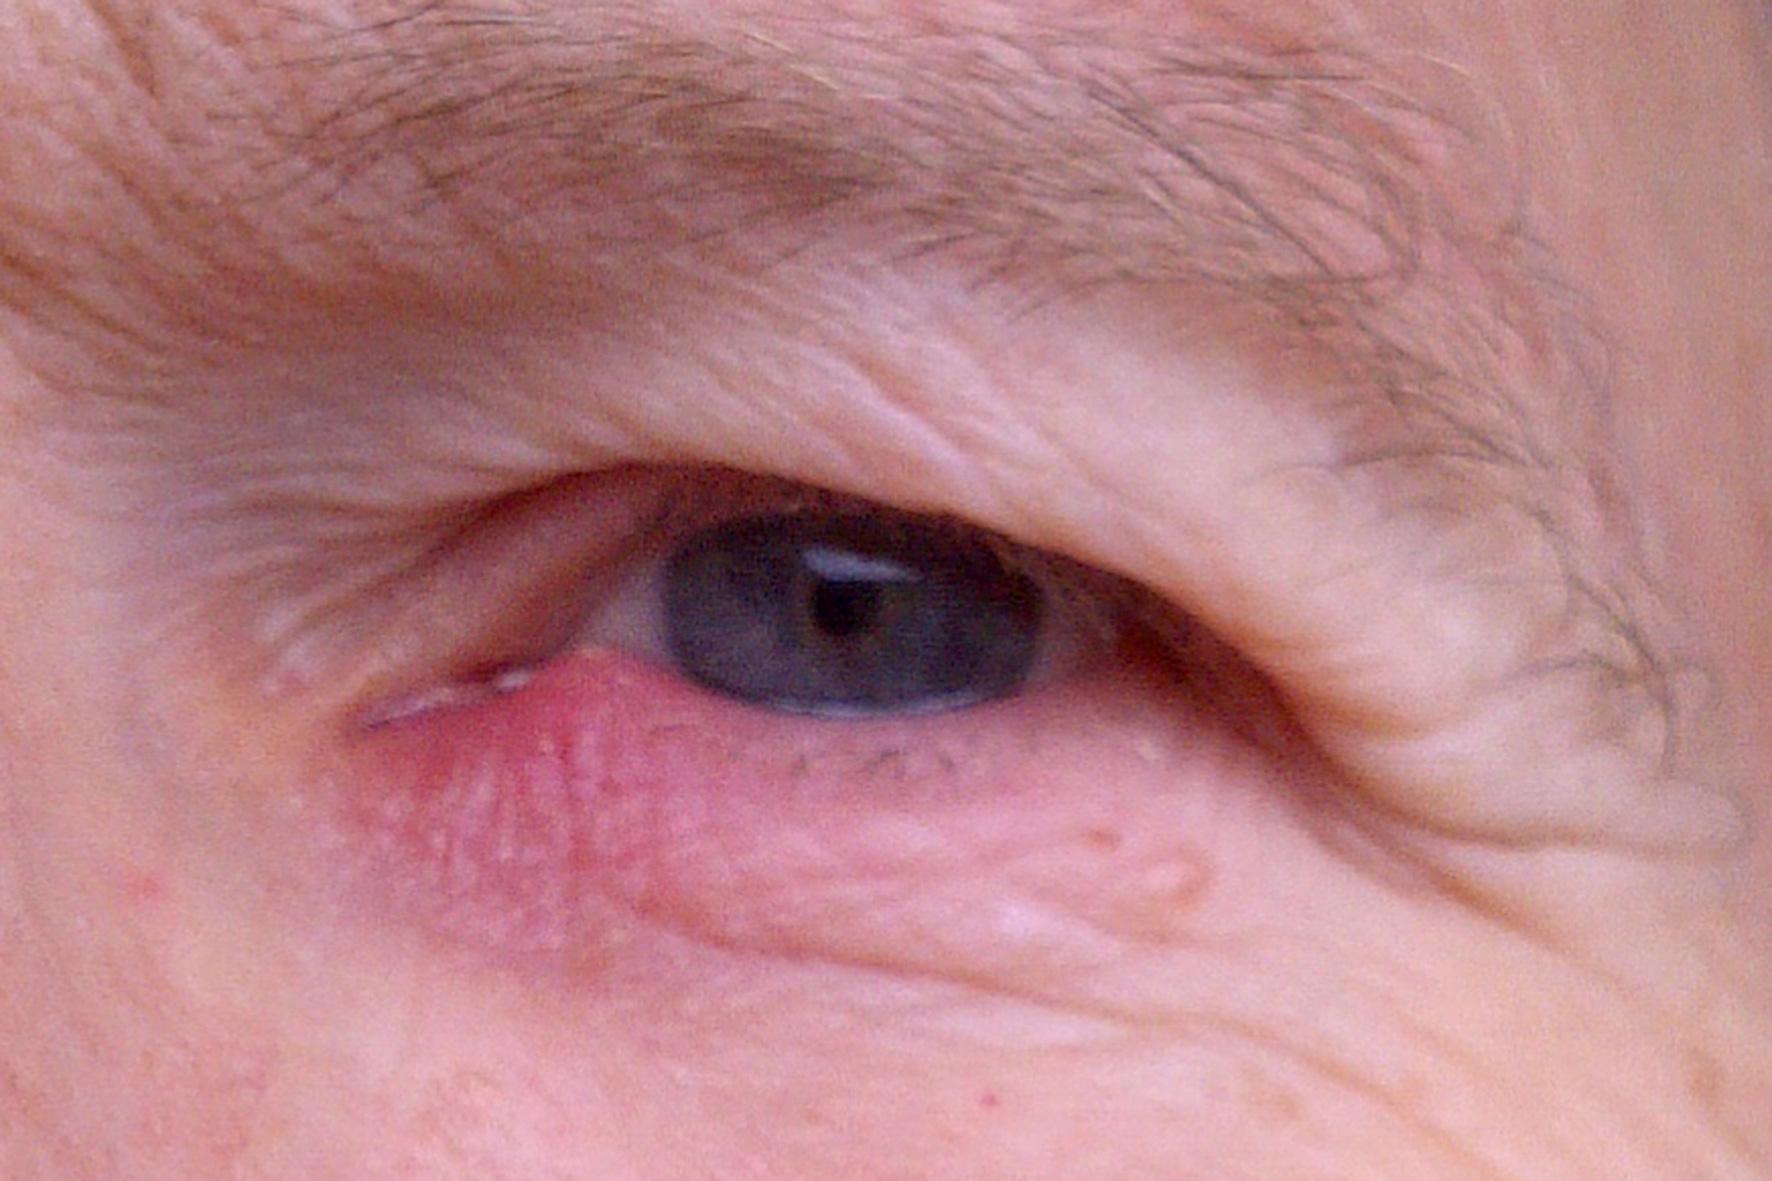 Mein unteres Augenlid ist am Rand (näher in Nasenrichtung)